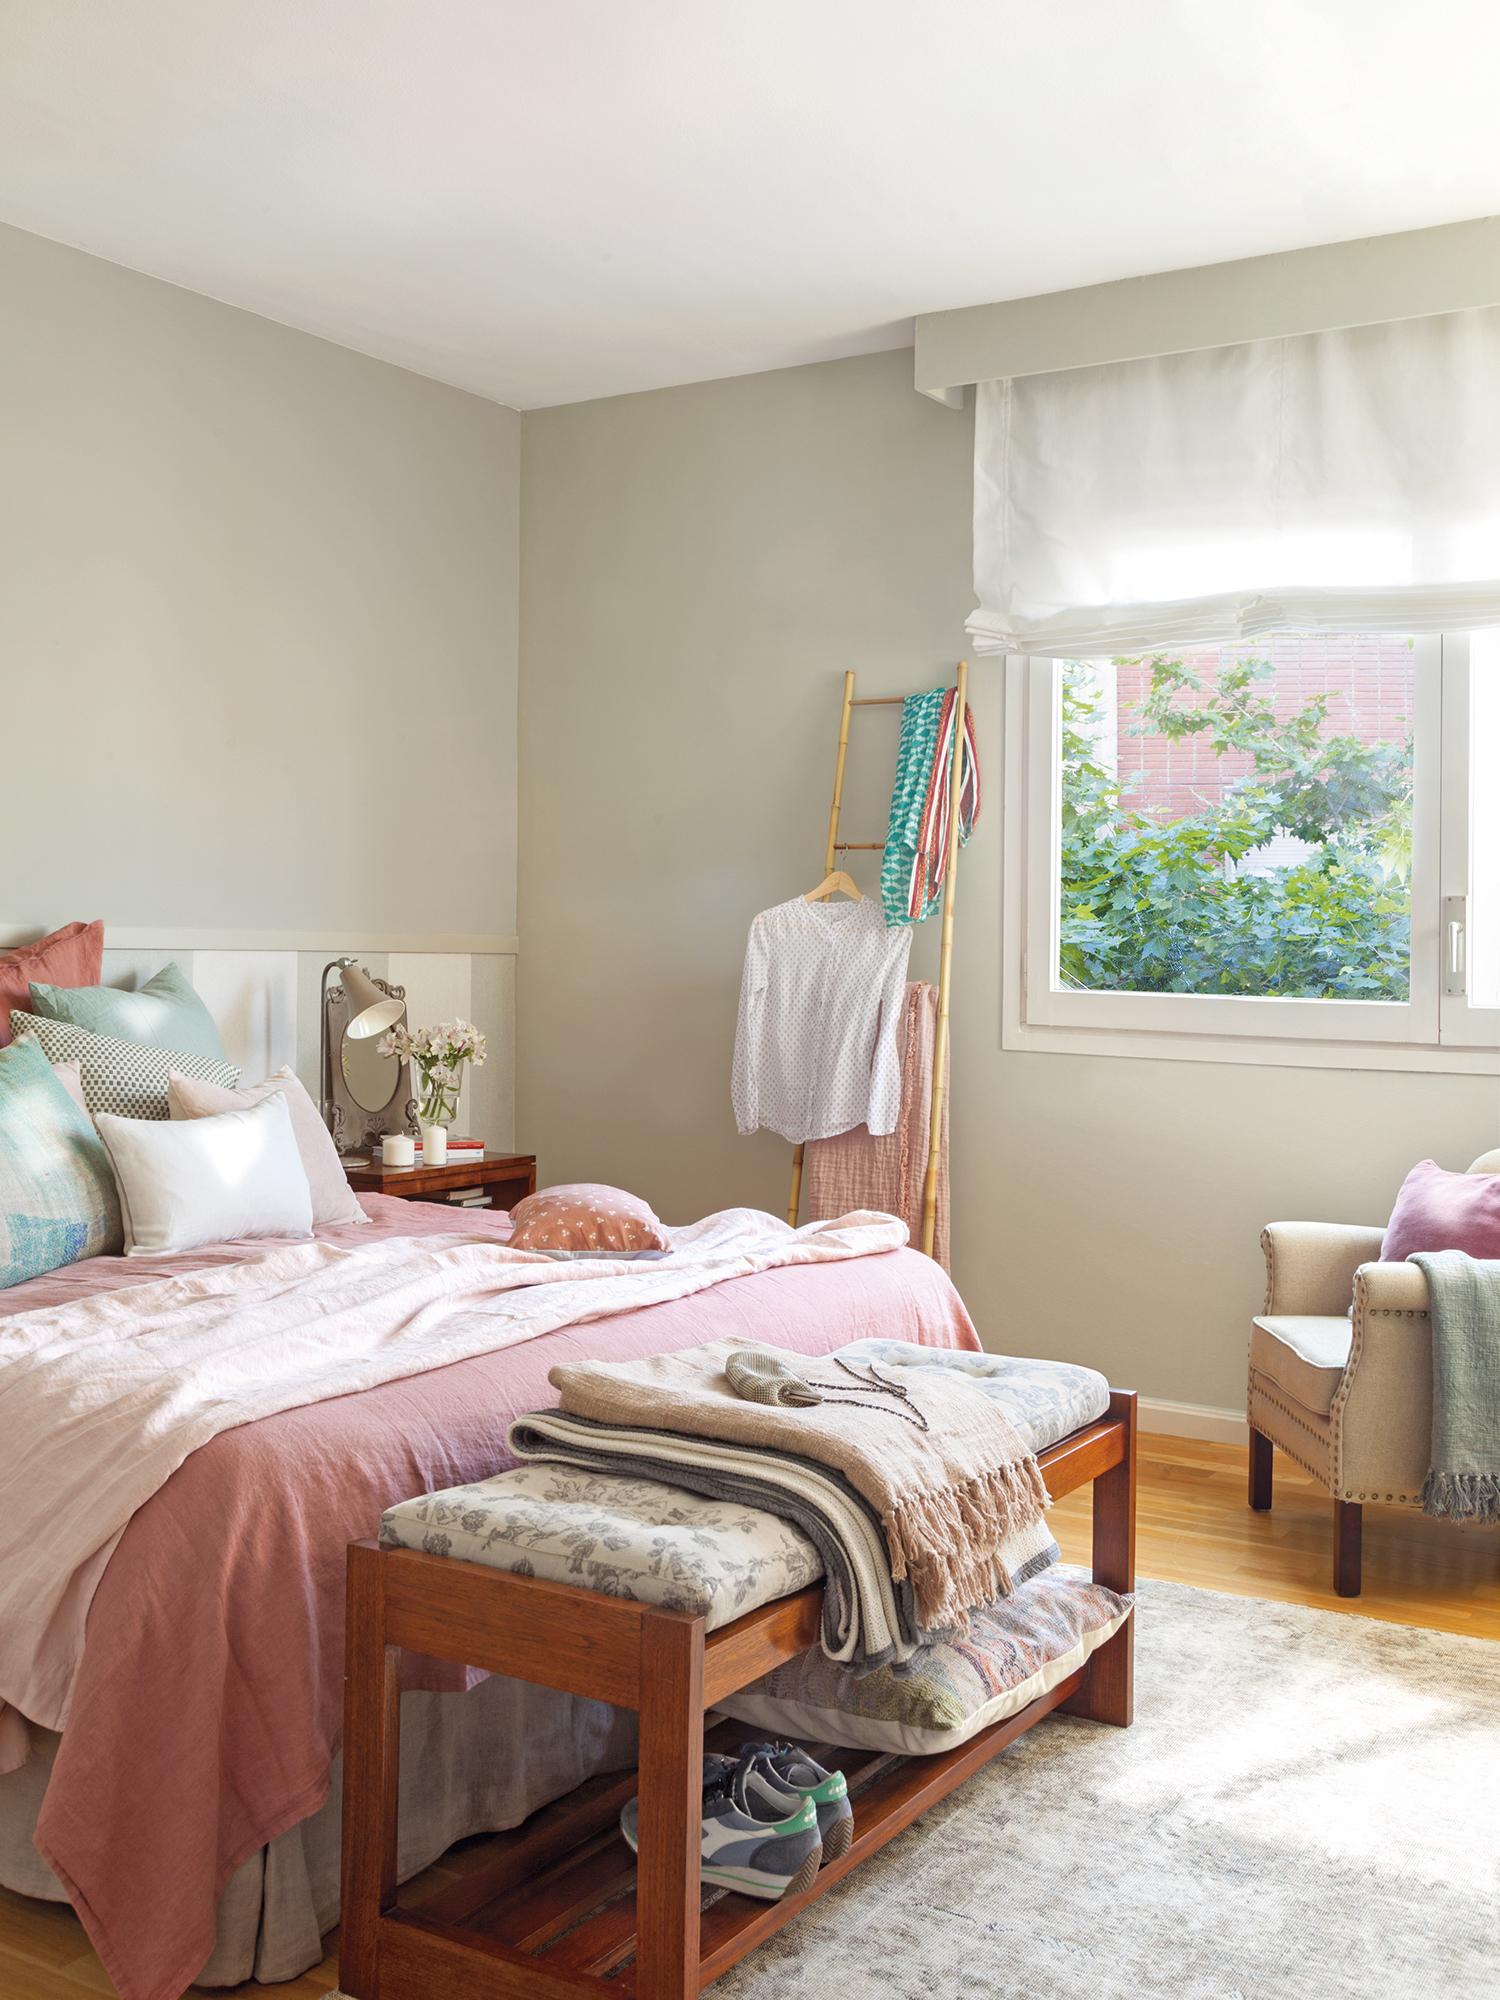 Papel pintado para cabecero cama vinilo adhesivo cabecero - Papel pintado cabecero cama ...